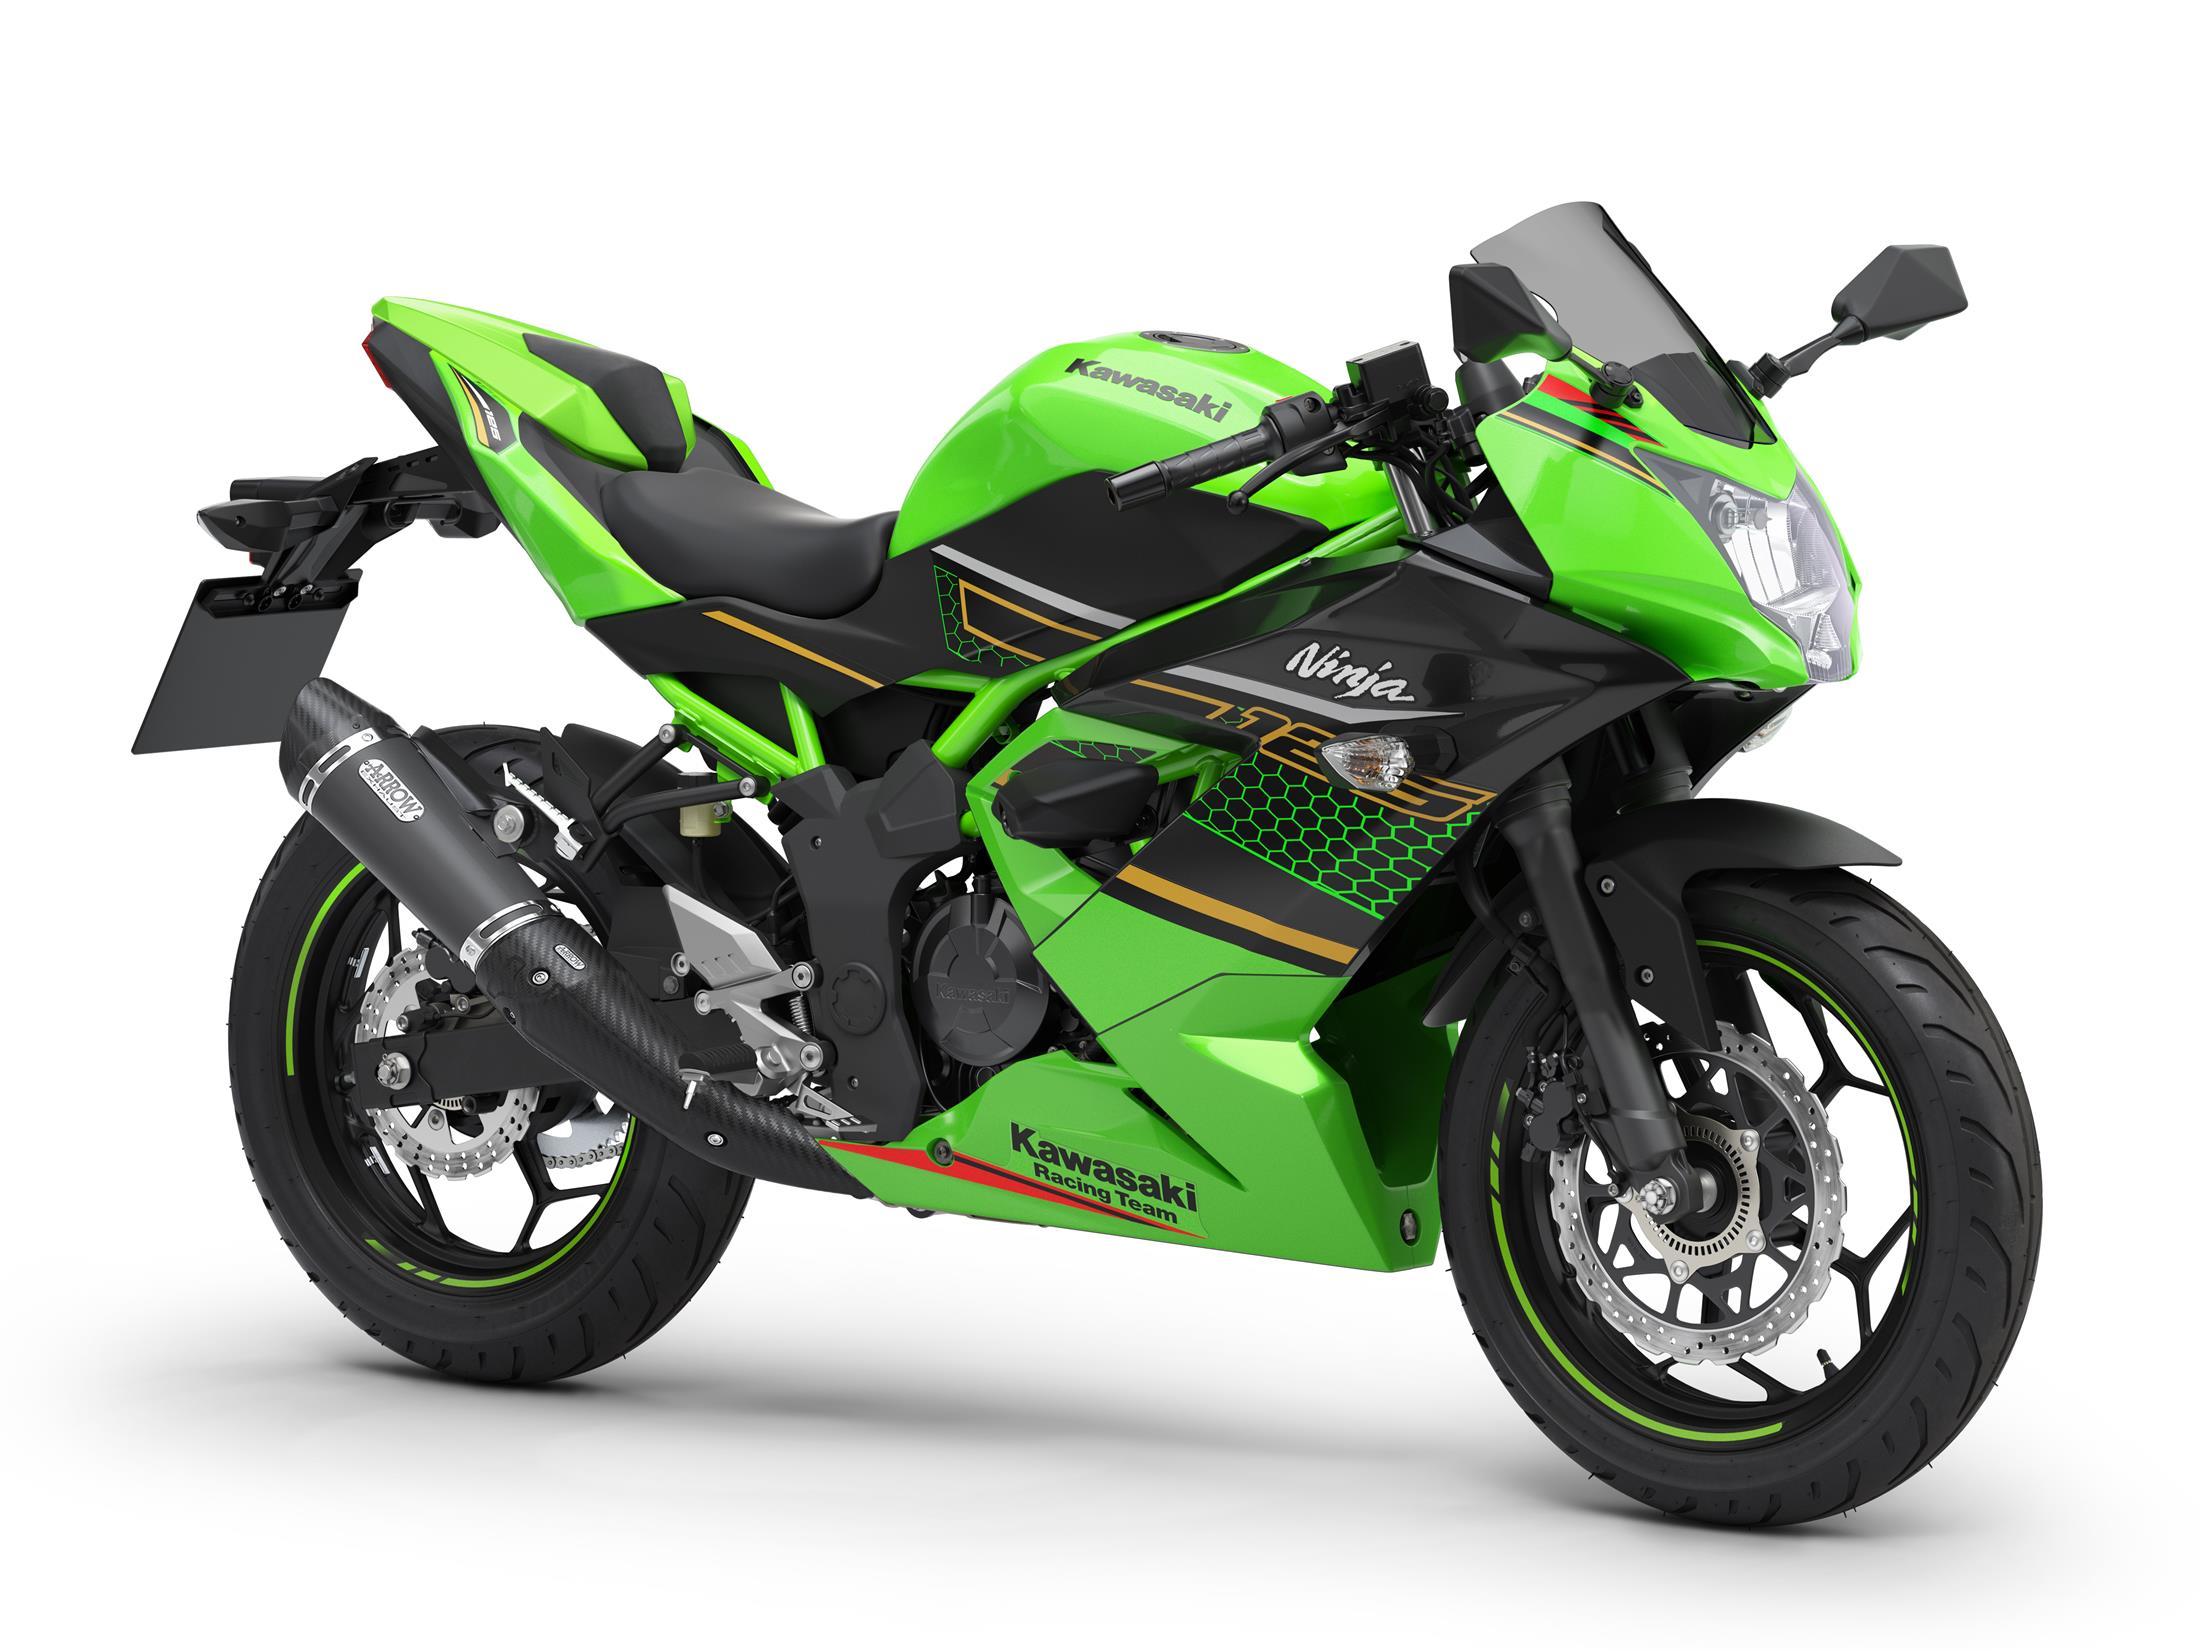 2020 Ninja 125 Performance